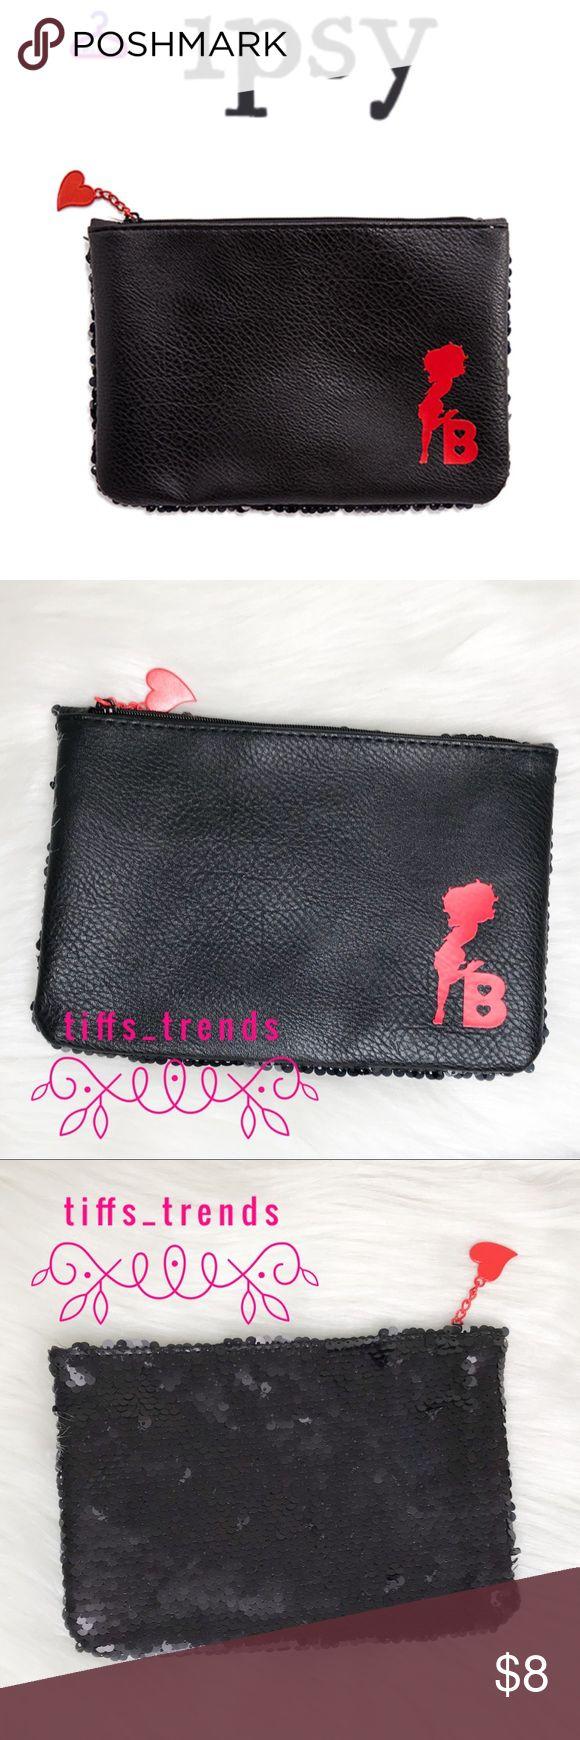 NWOT•IPSYxBetty Boop Makeup Bag Betty Boop x Ipsy Makeup